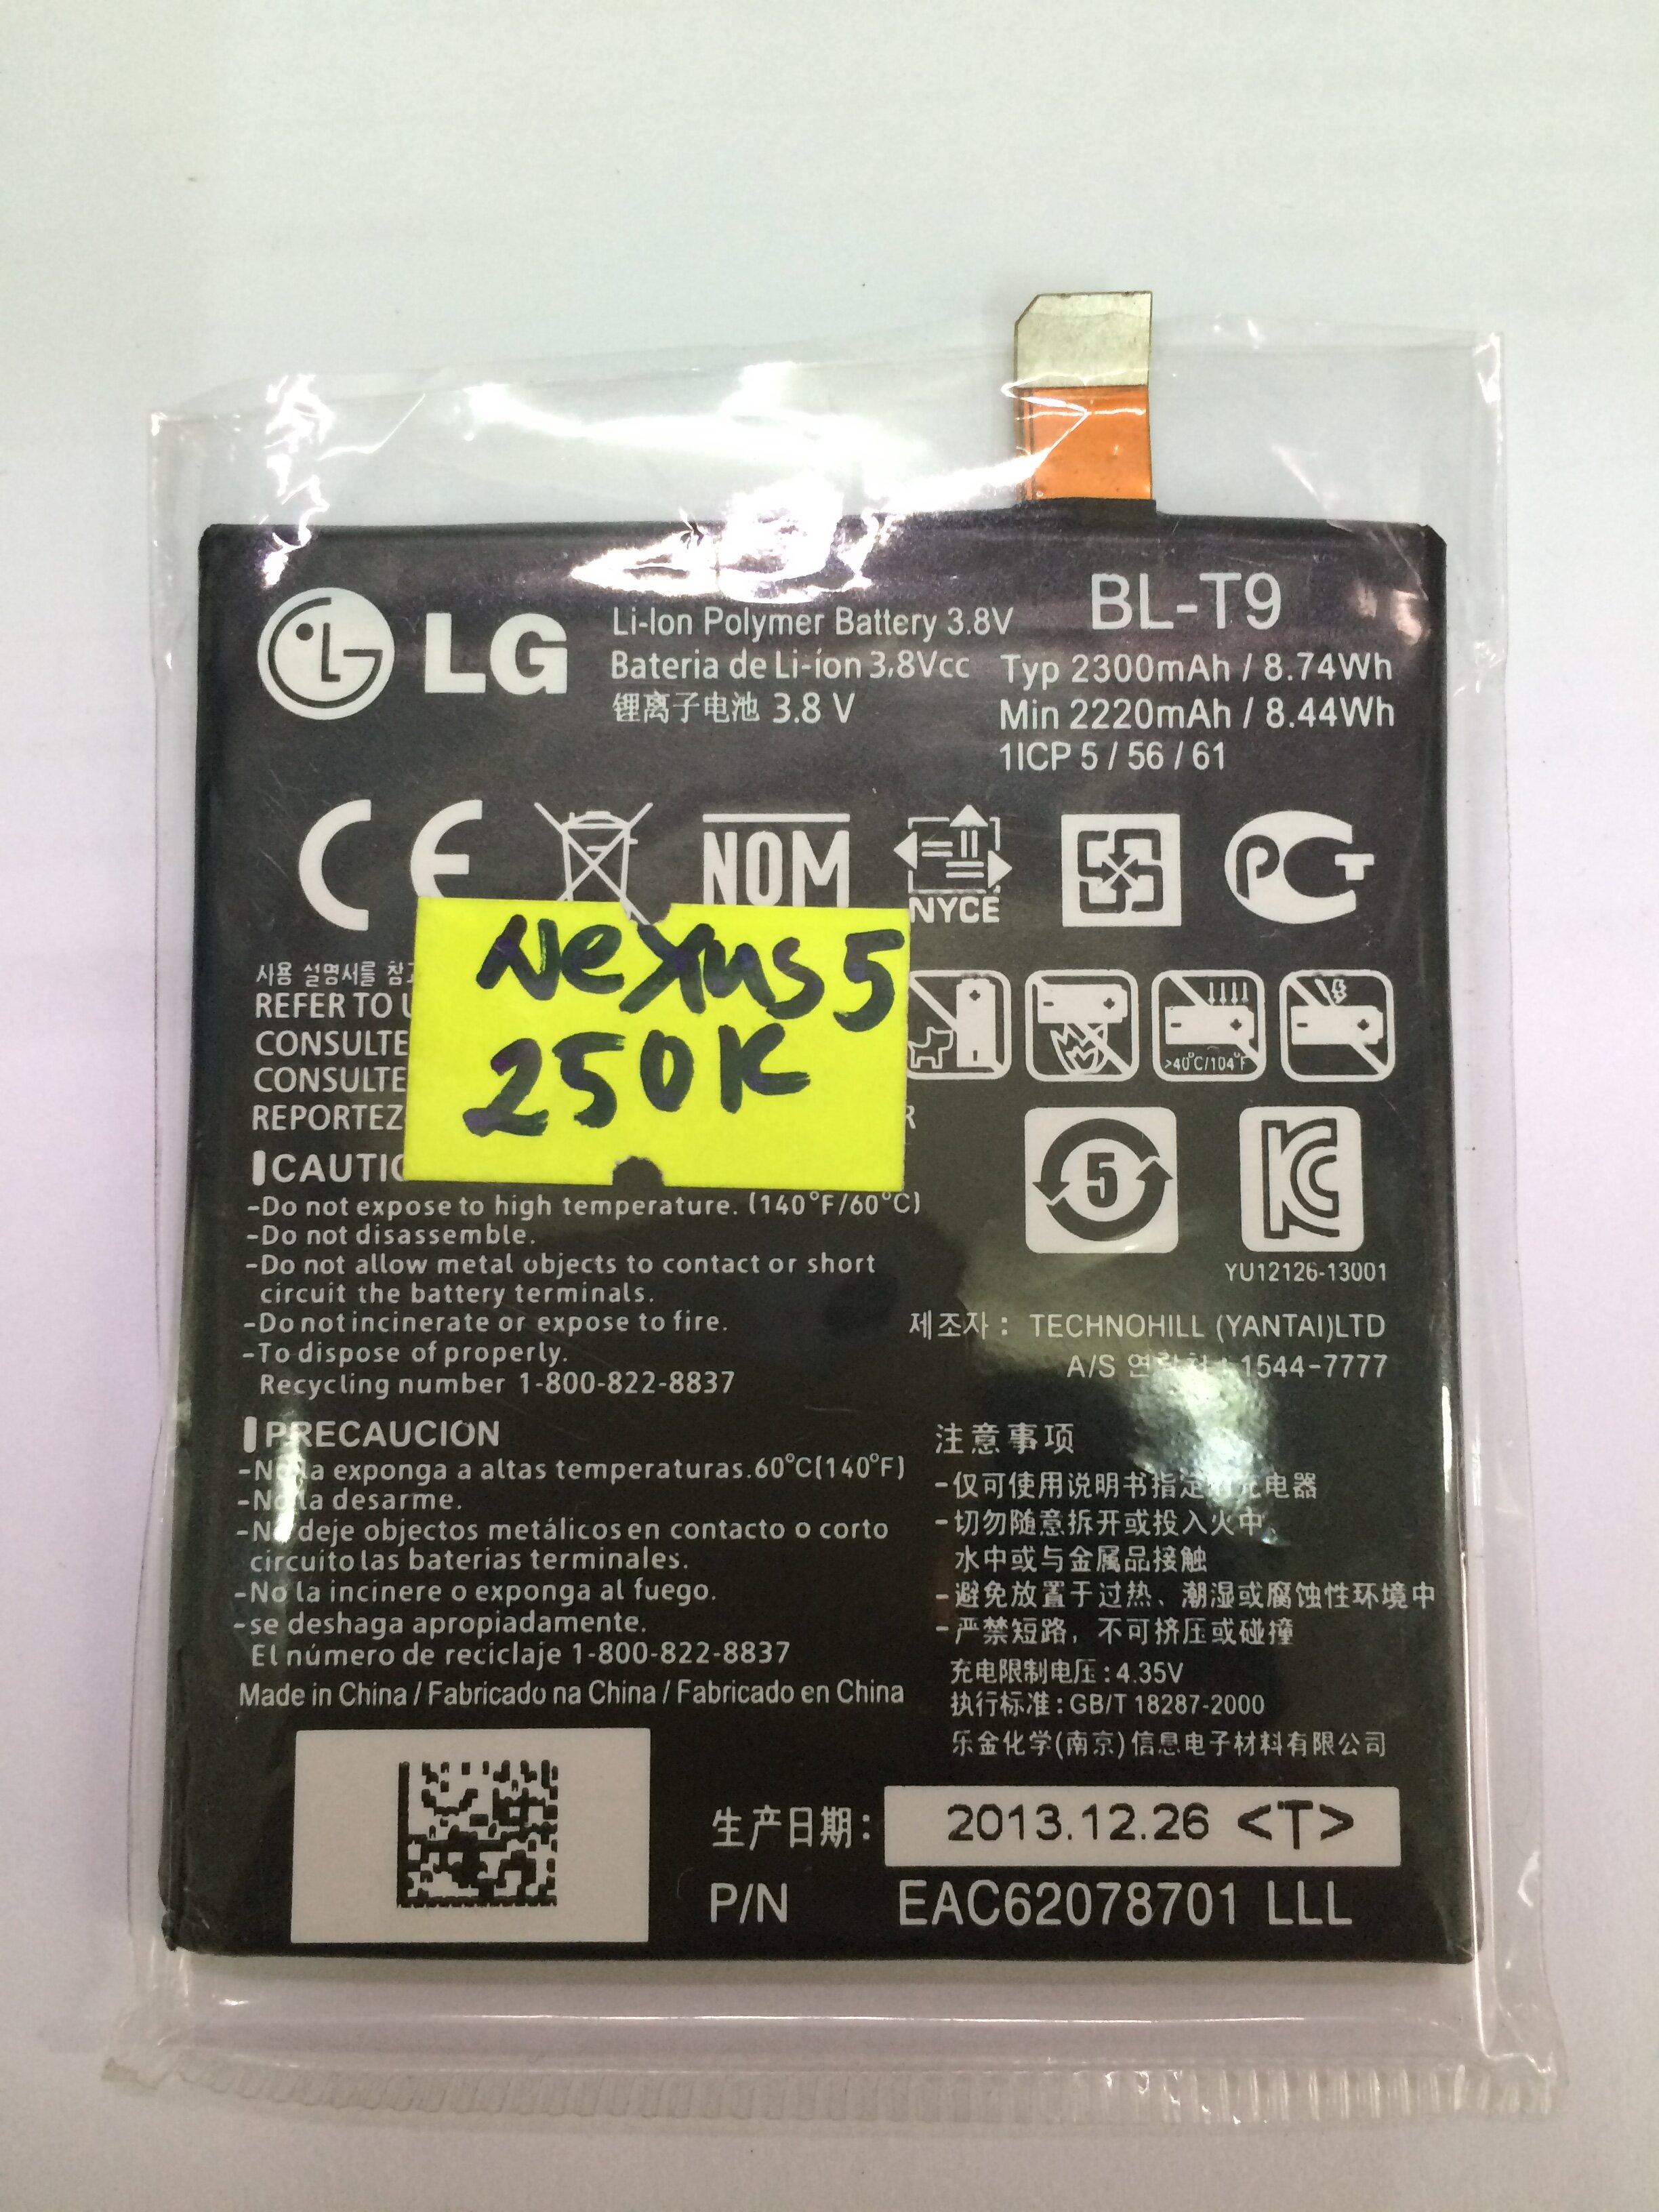 Pin LG Nexus-5 BL-T9